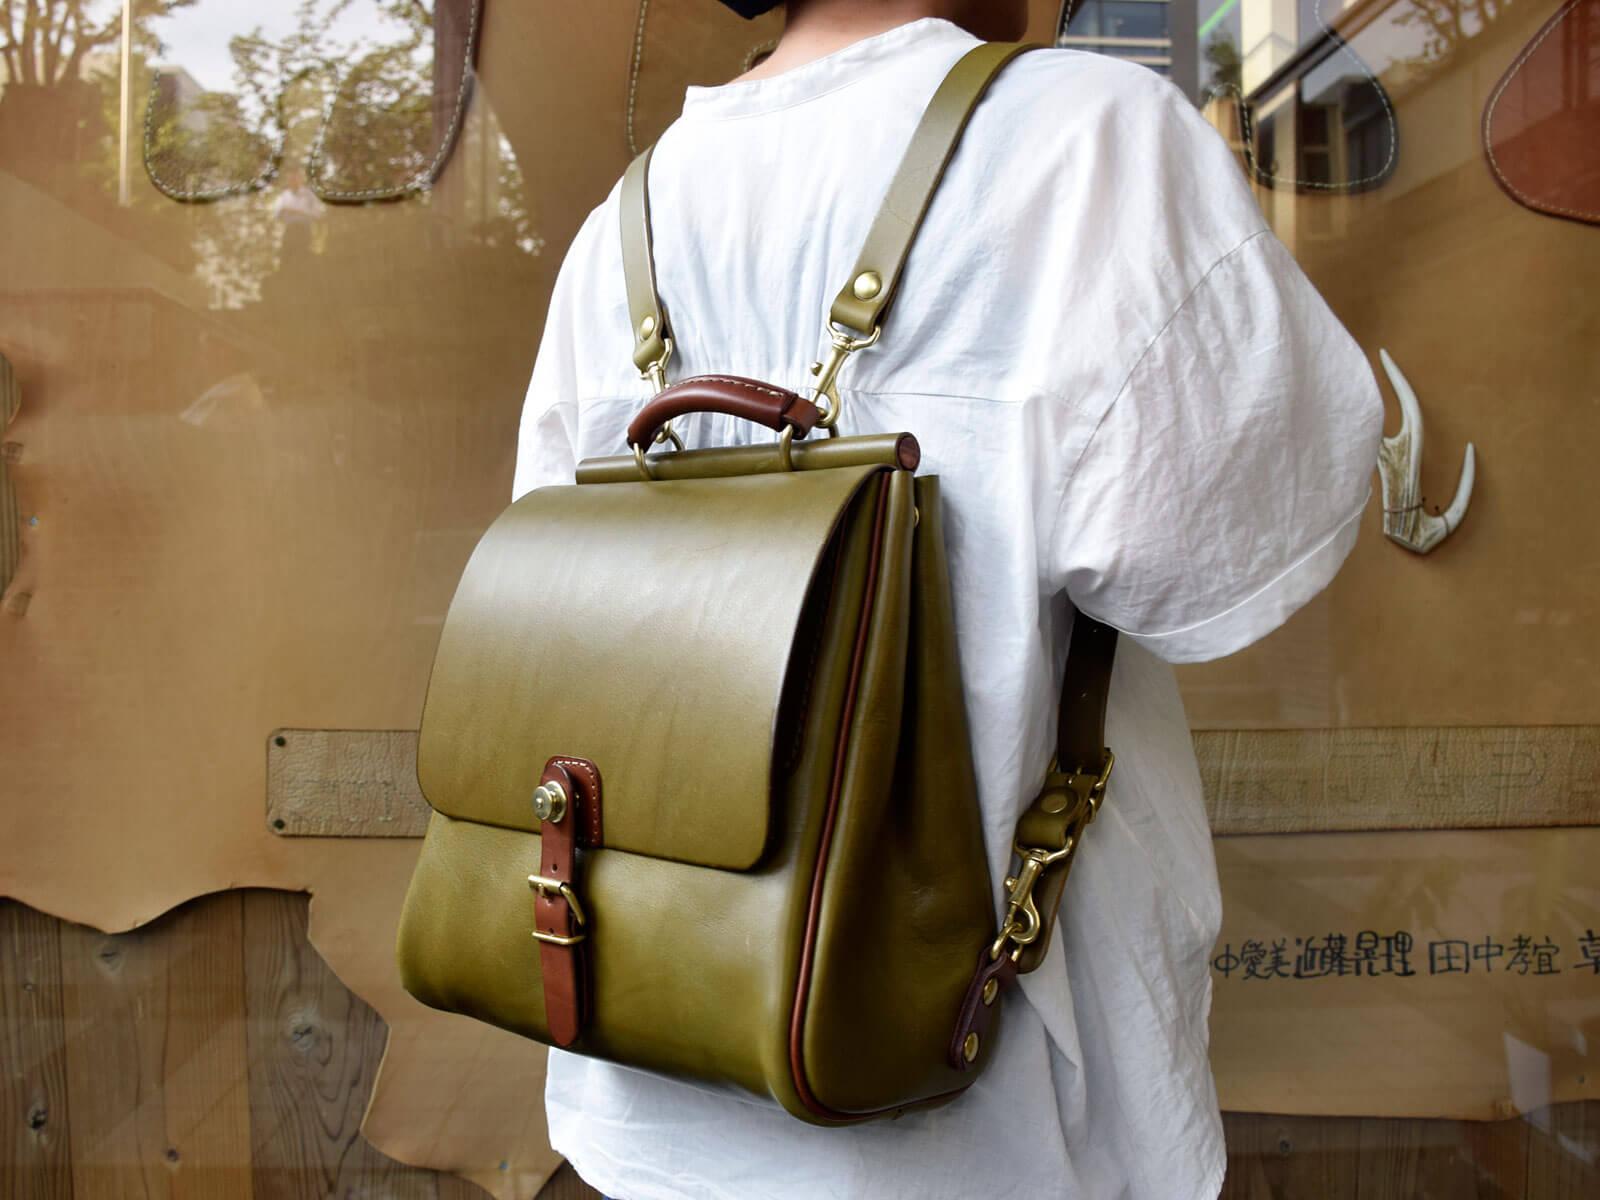 夏服にも合わせやすい!グリーン革メインのツートンバッグを作りました